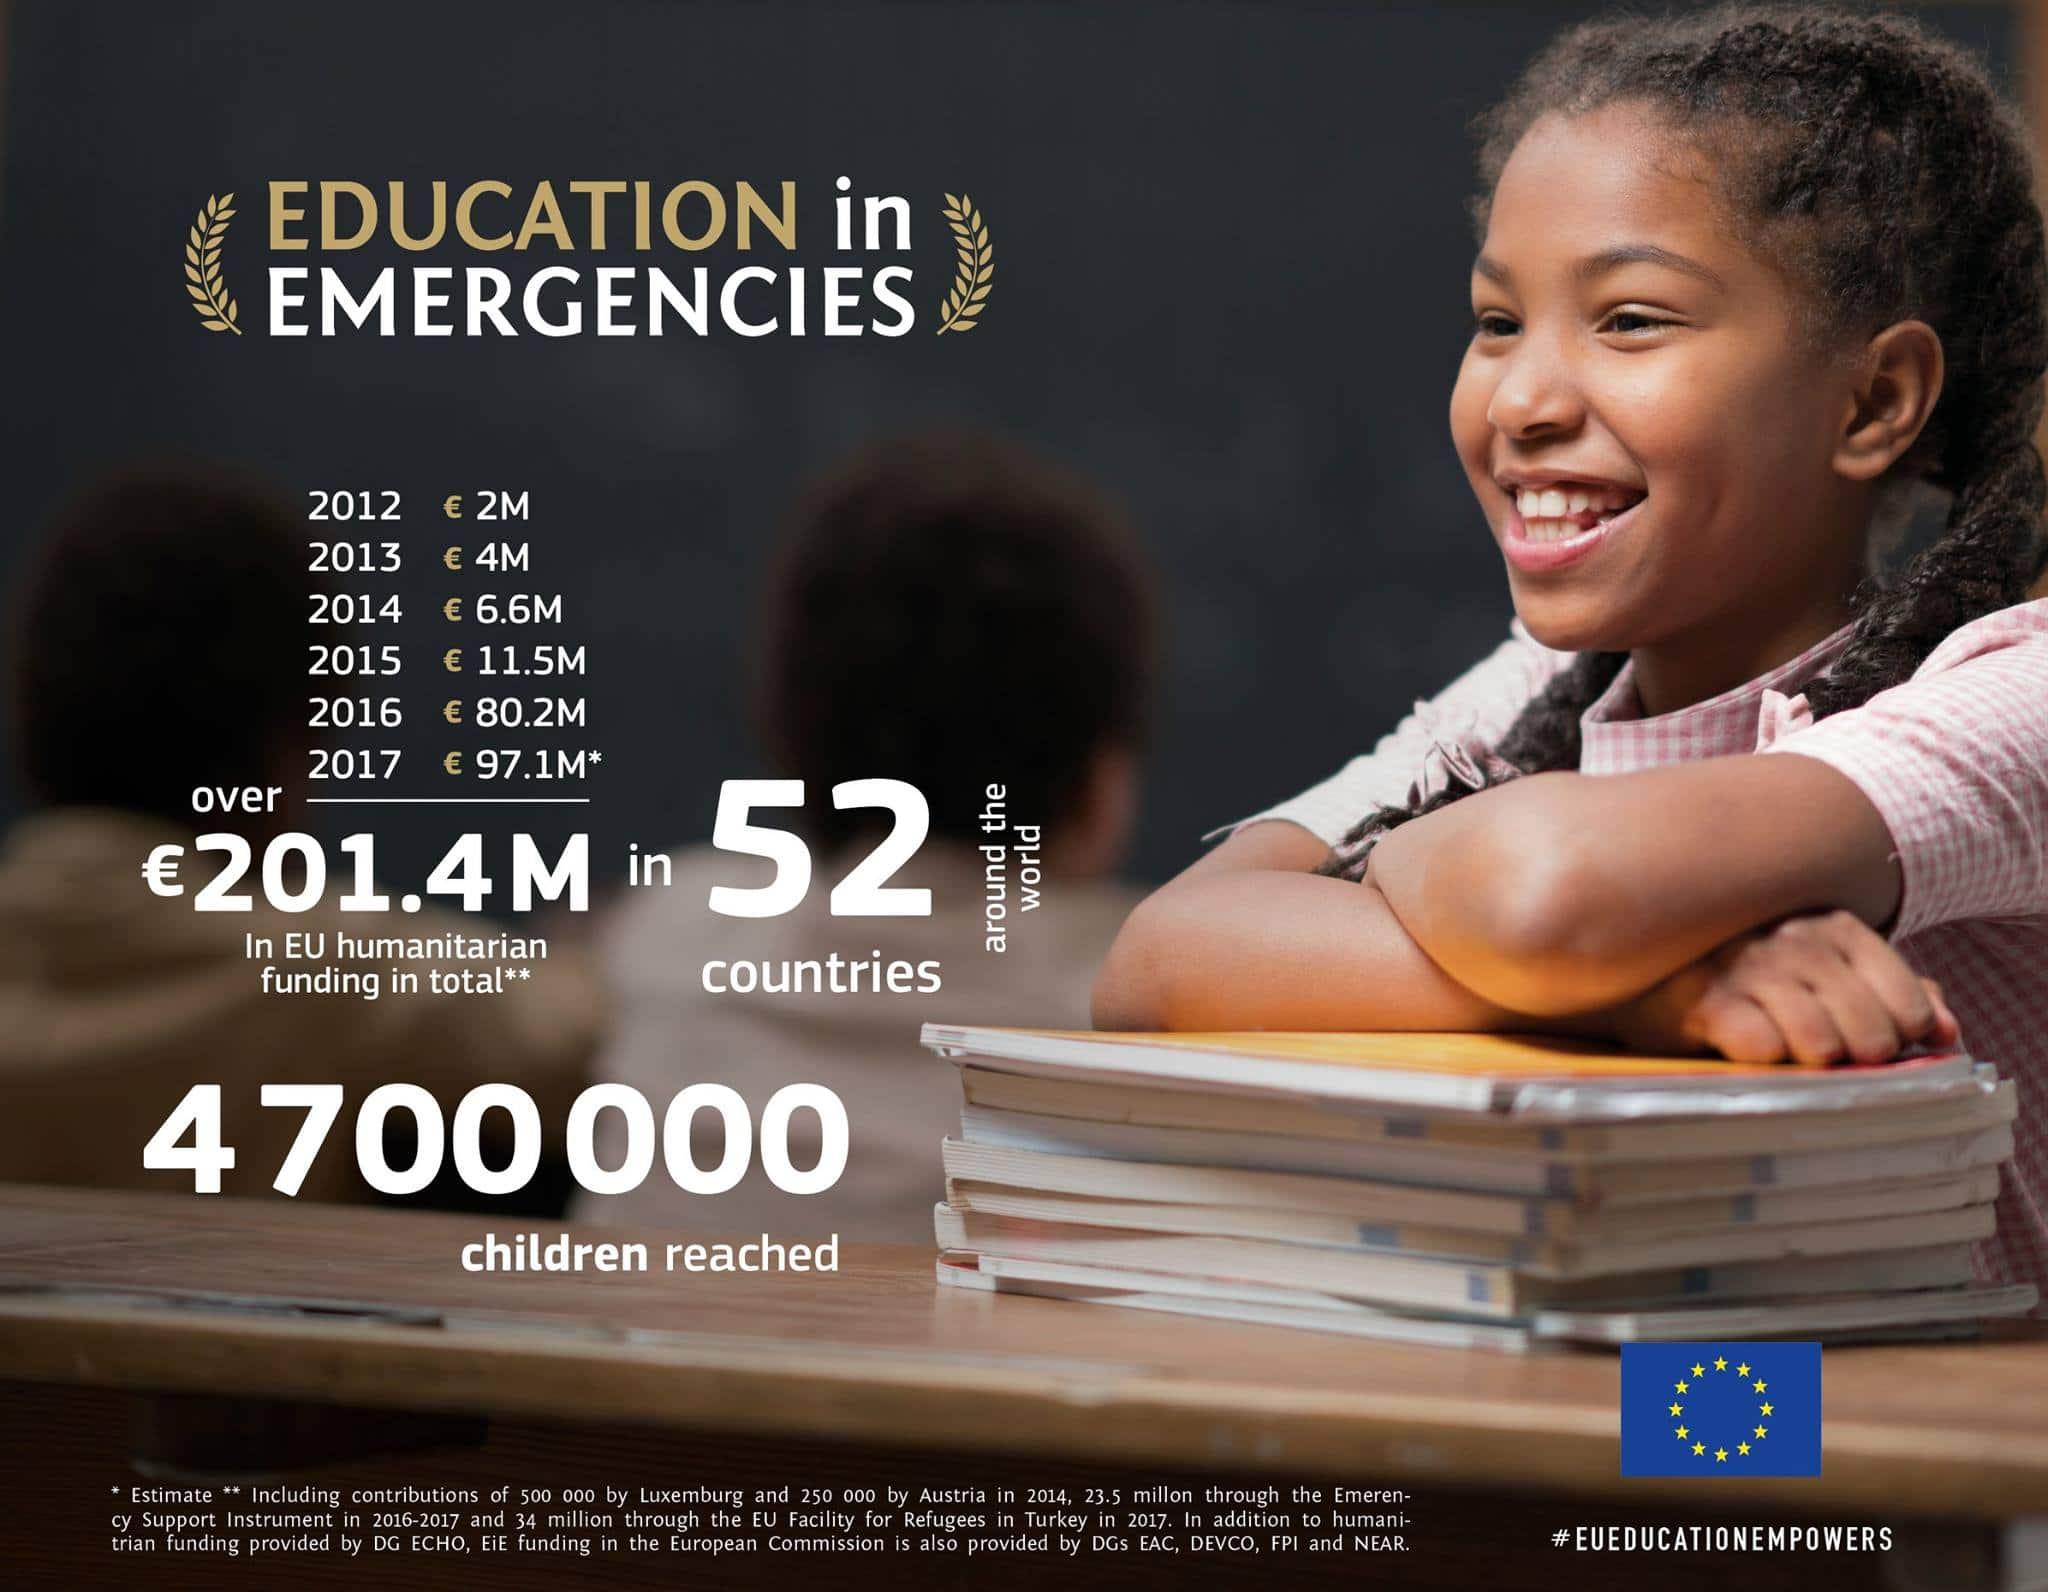 EU bo letos namenila rekordnih 8 % svojega humanitarnega proračuna za izobraževanje v kriznih razmerah